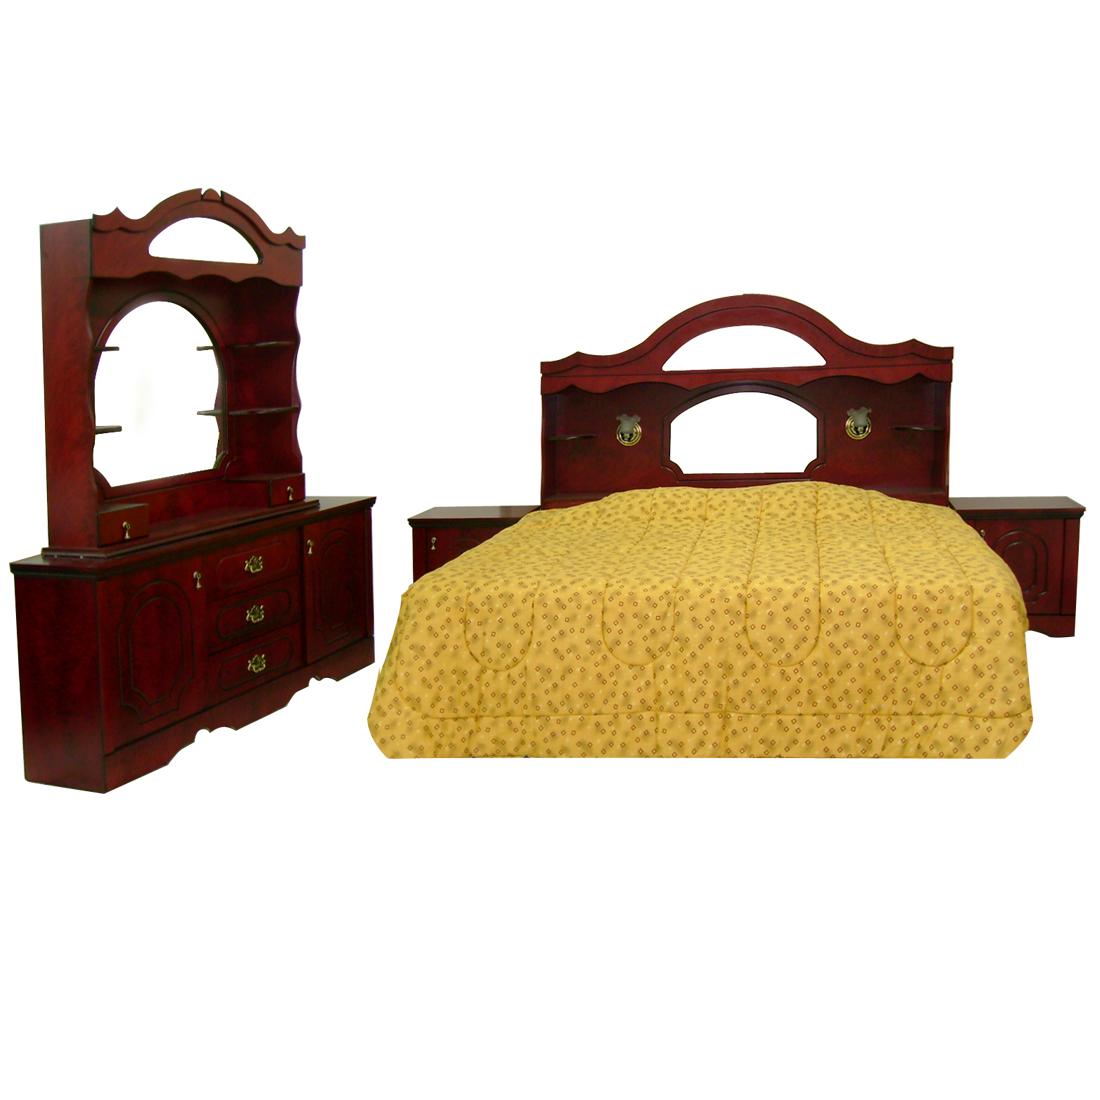 Mesas y sillas venta de mesas y sillas de segunda mano for Casetas de jardin baratas de segunda mano